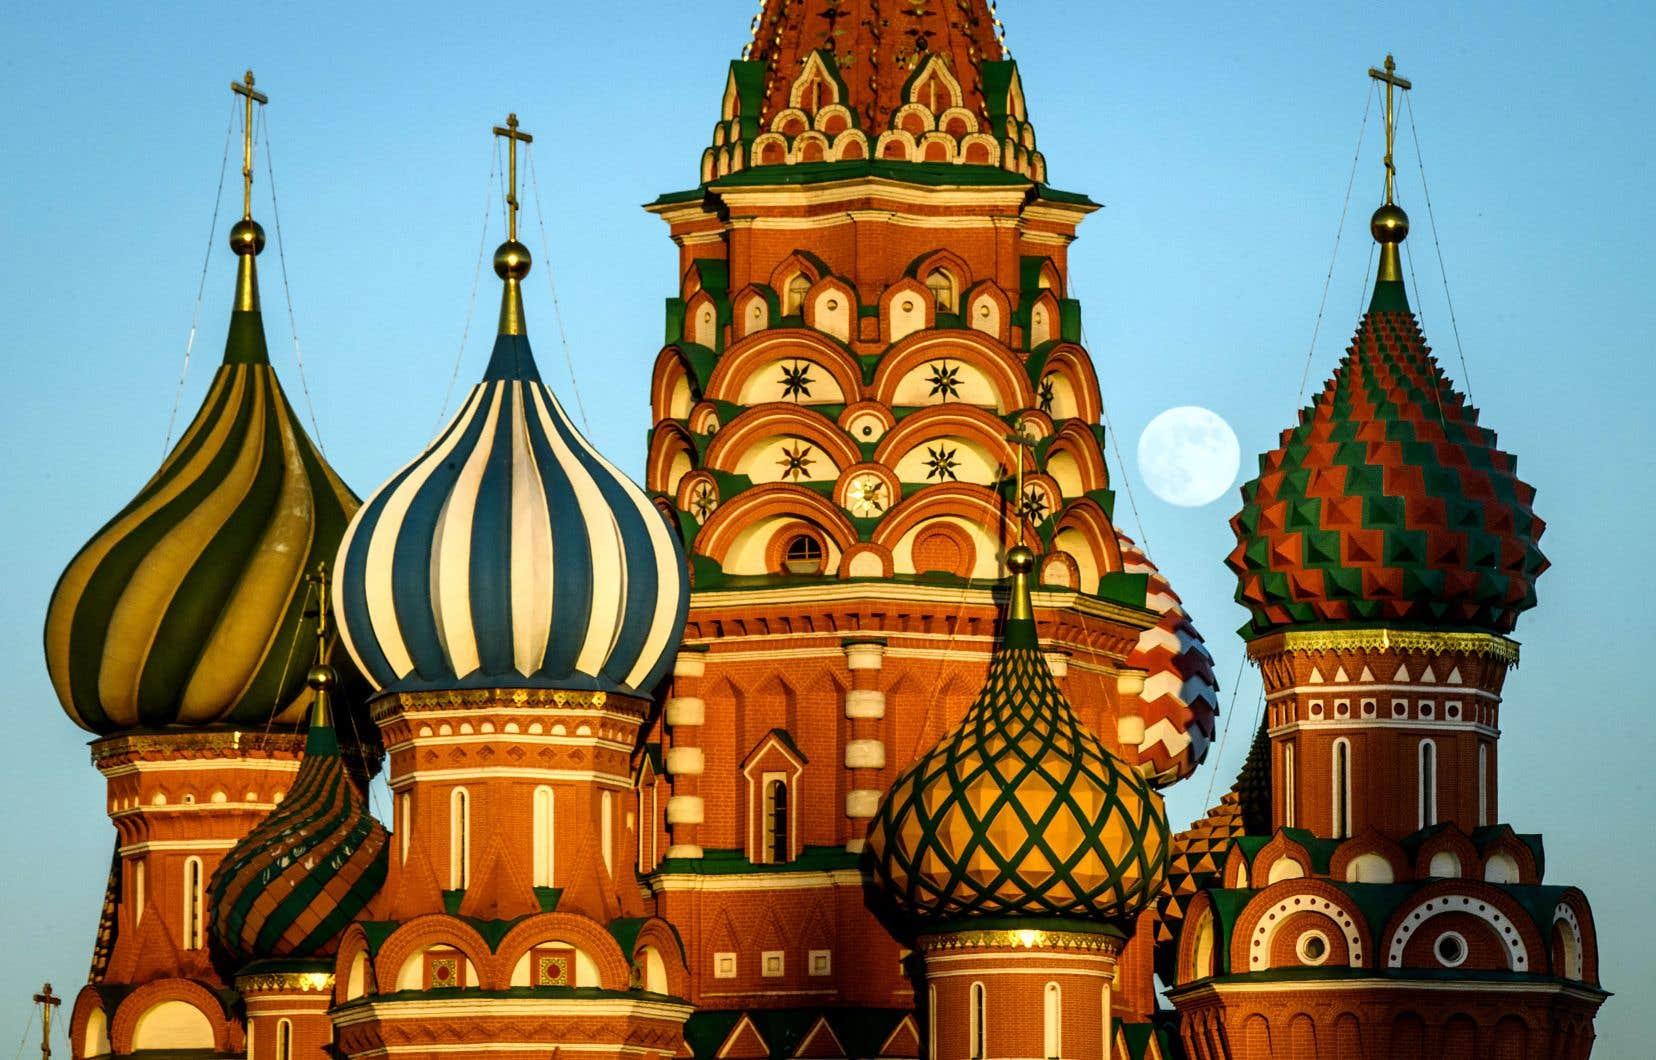 La cathédrale Saint-Basile sur la place Rouge à Moscou